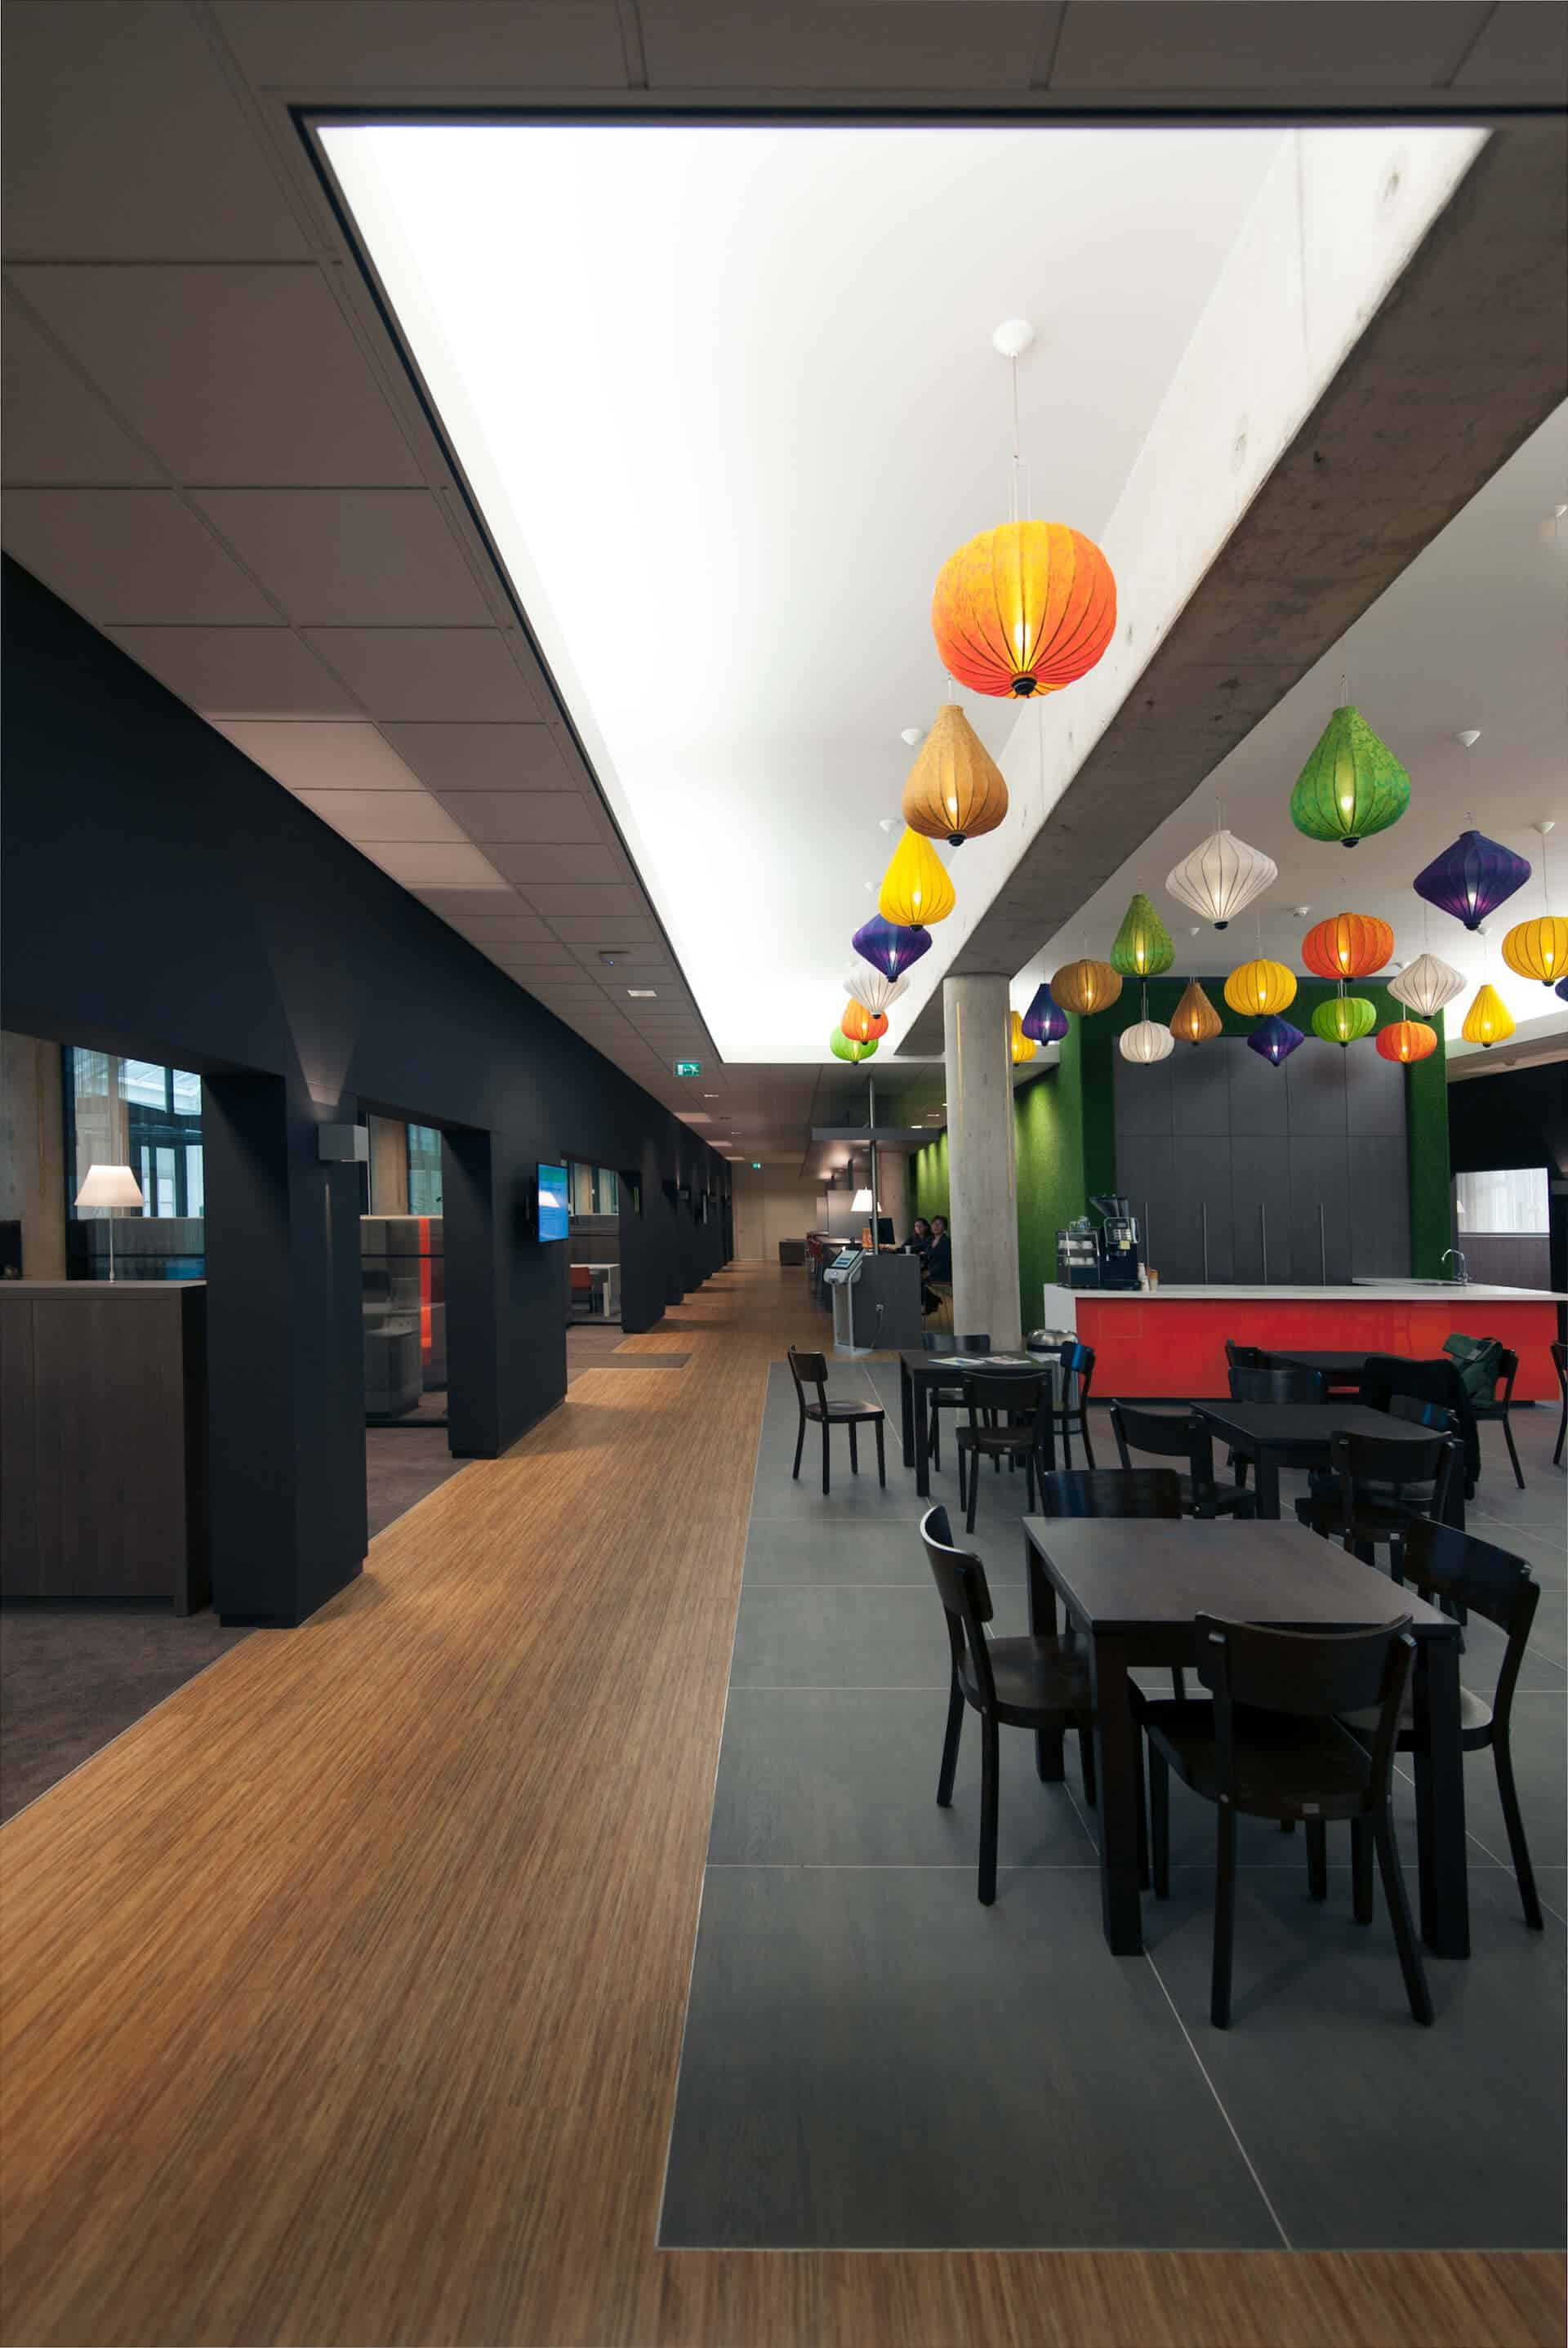 n het interieurontwerp is een koffiebar met tafels en stoelen gecreëerd voor zakelijke ontmoetingen